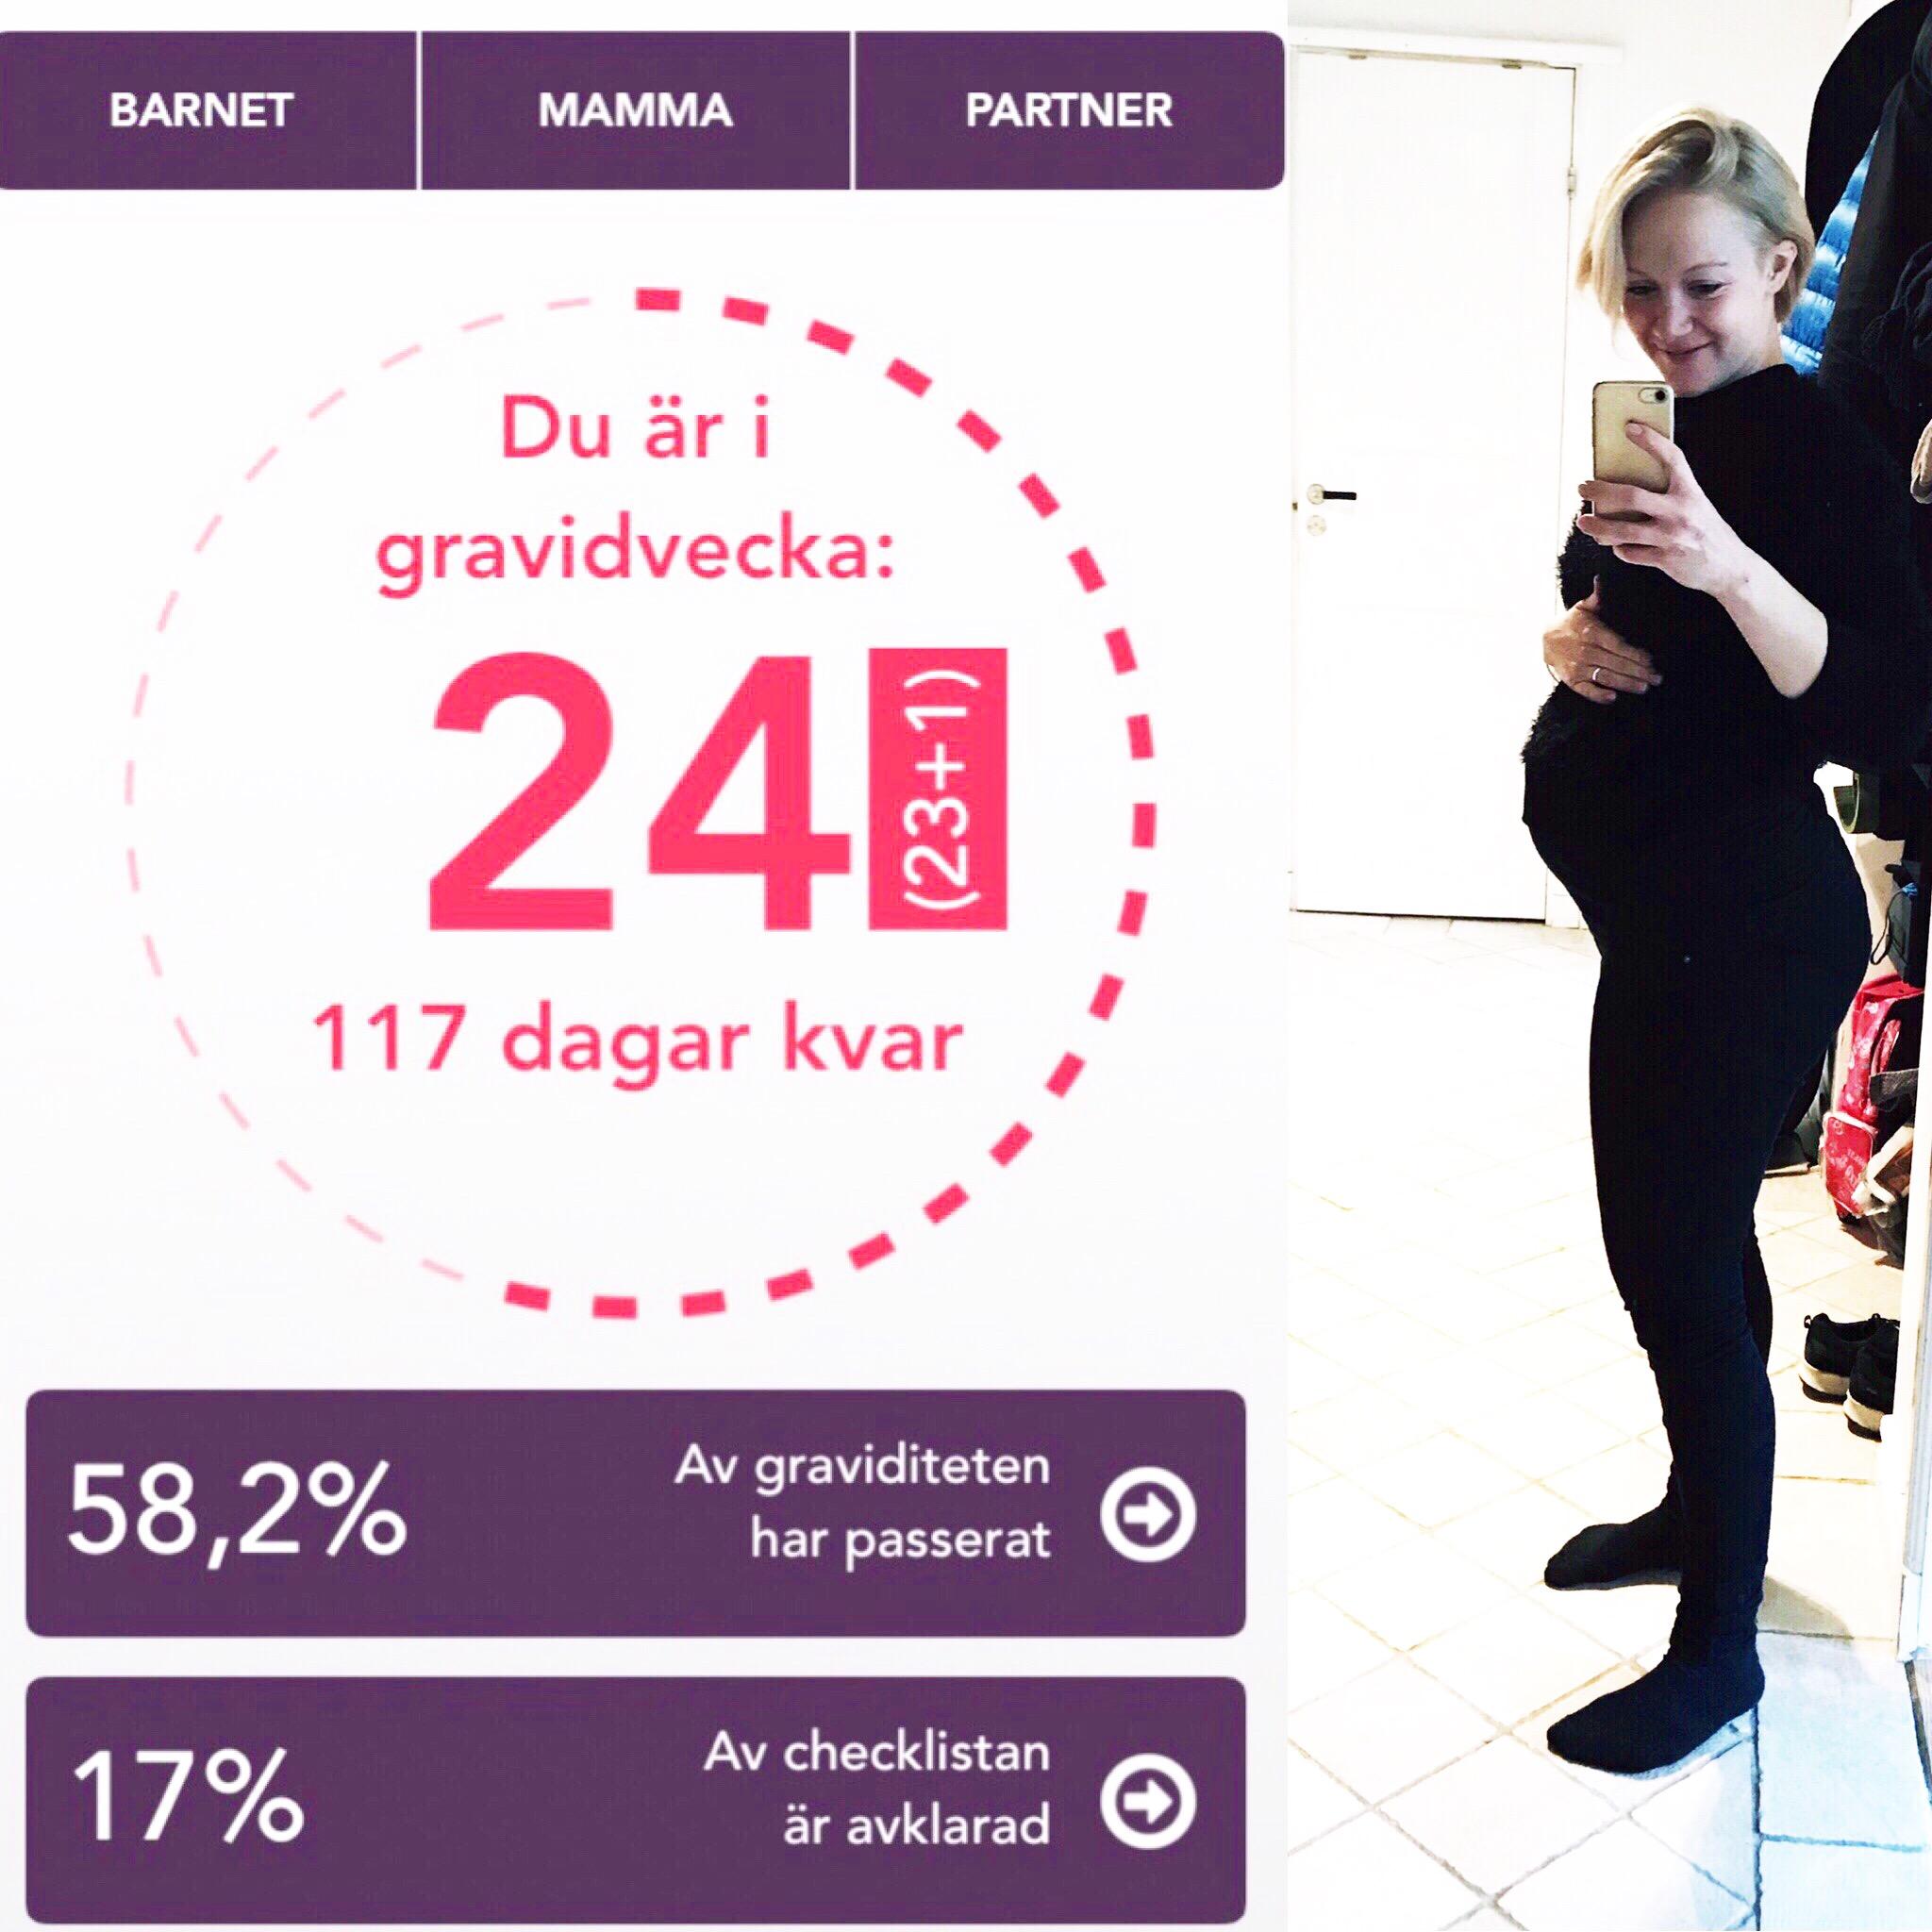 gravid vecka 24